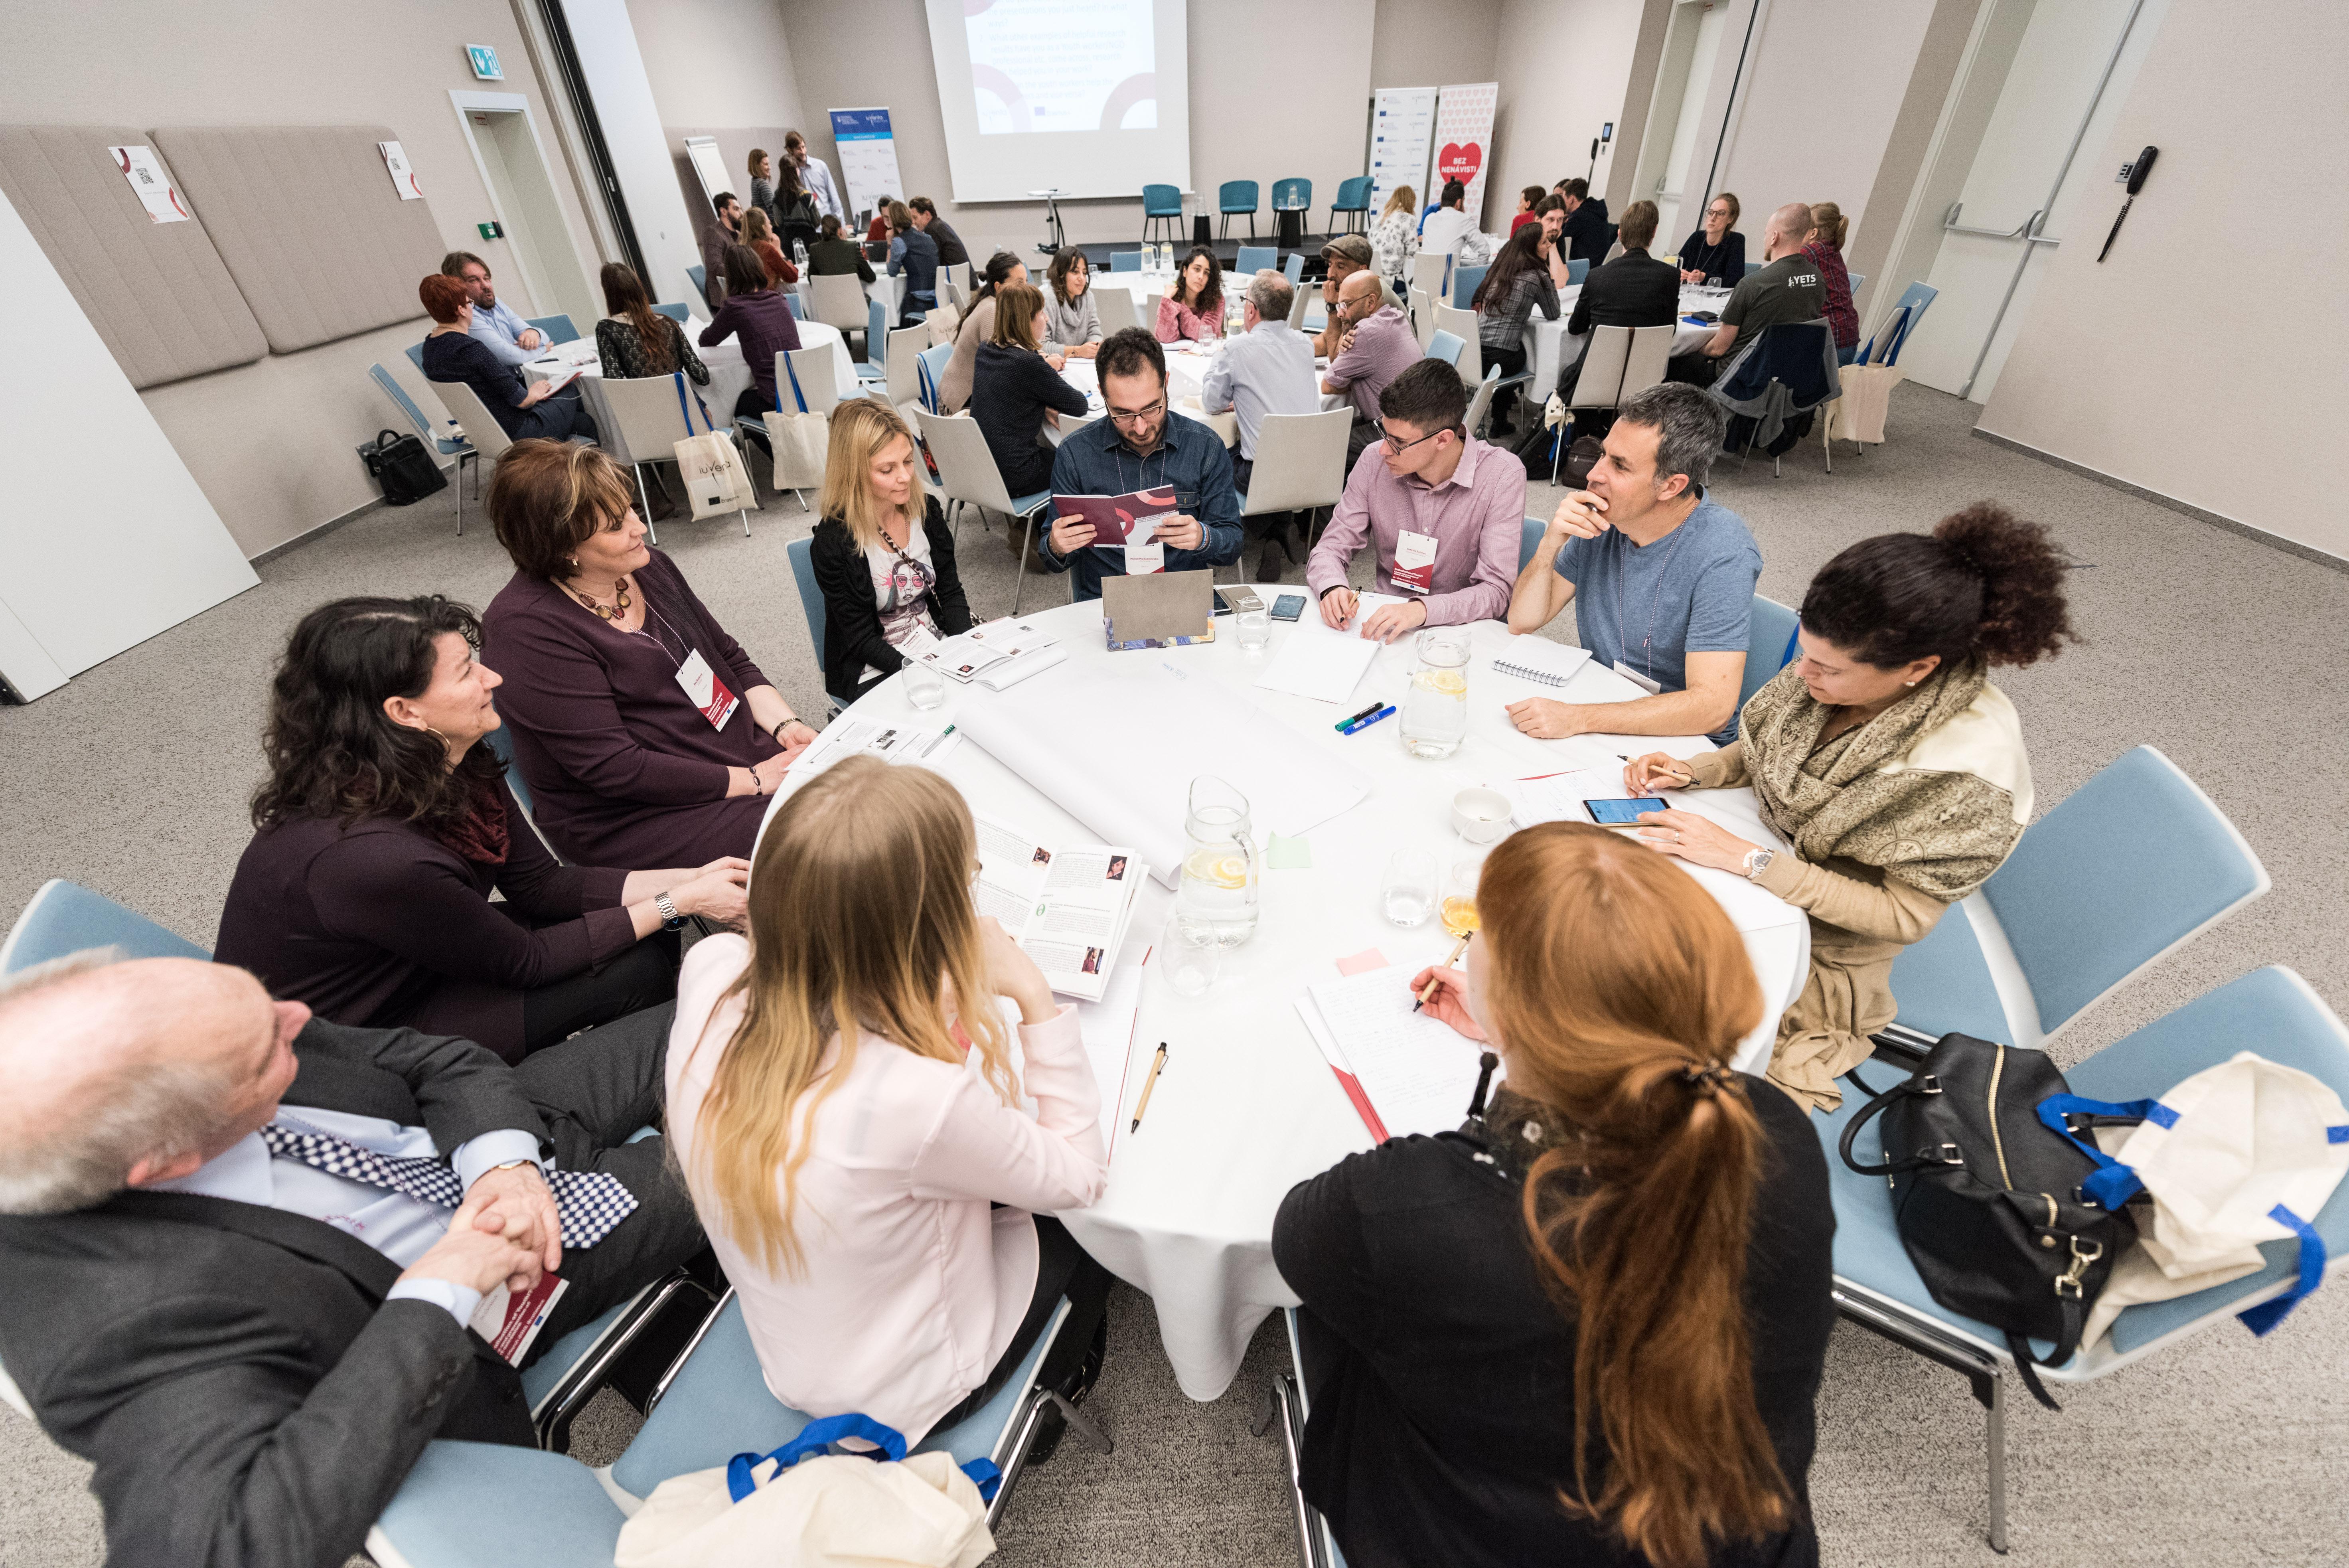 Je radikalizácia mladých ľudí relevantnou témou pre prácu s mládežou?